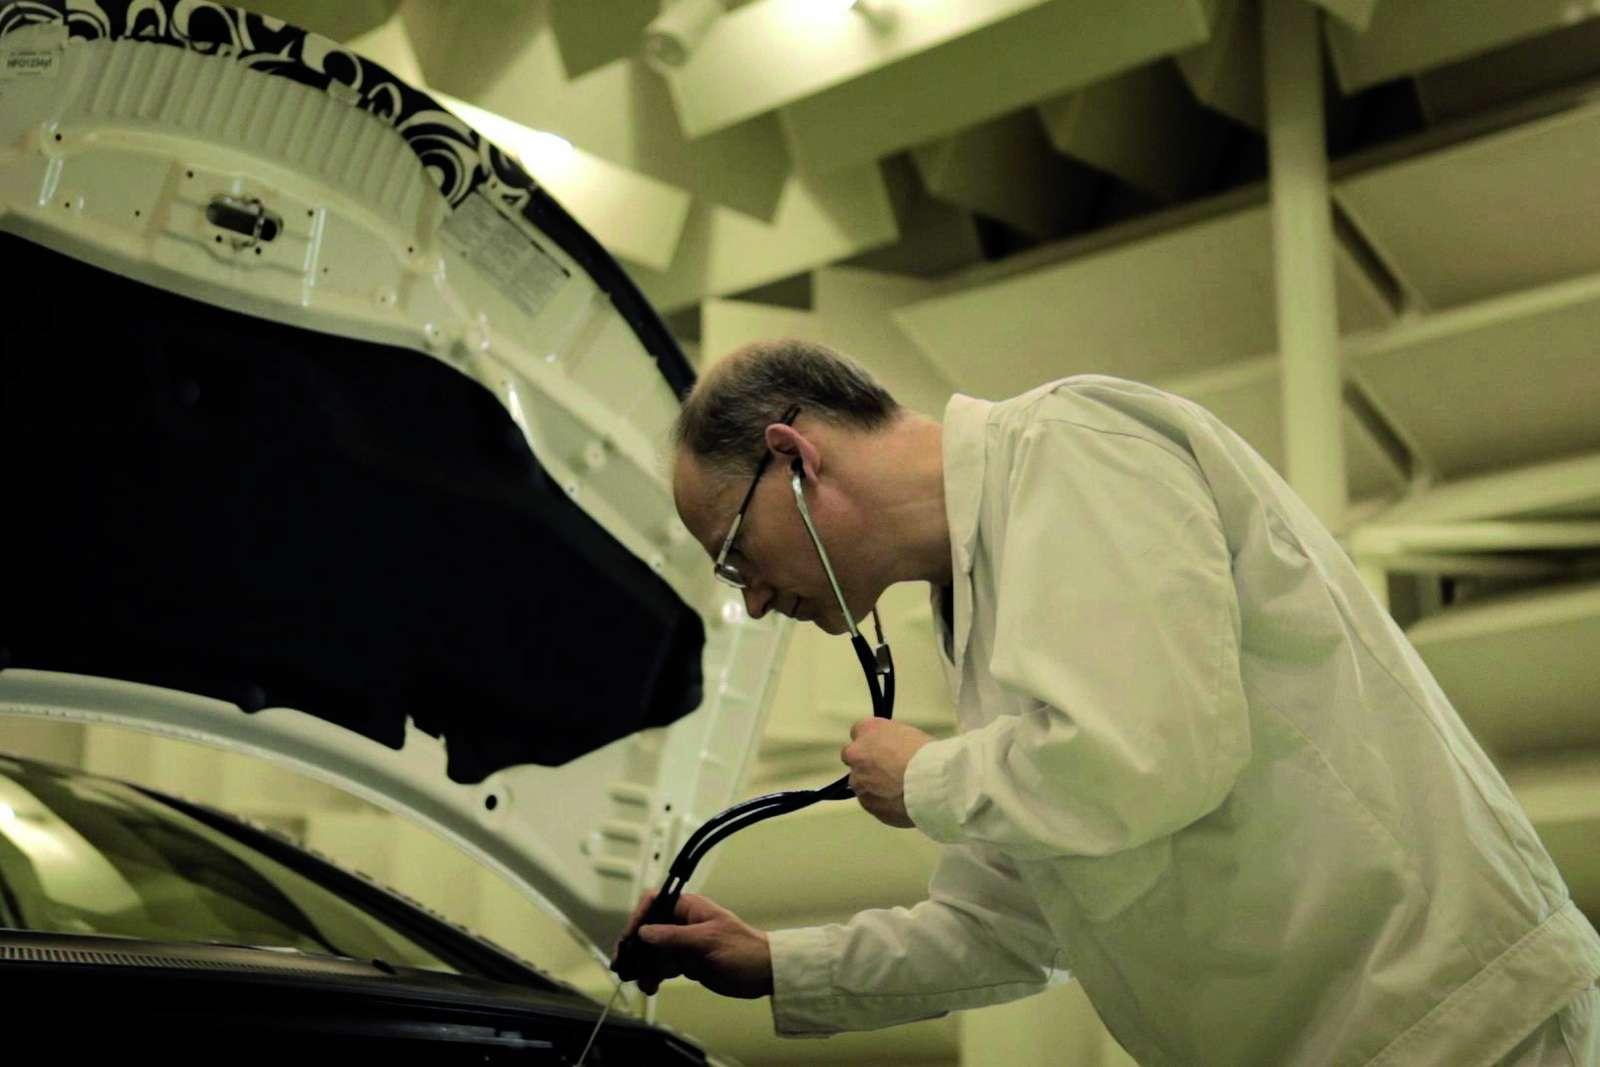 Honda Civic 2012 fot szpieg new inf sierpien 2011